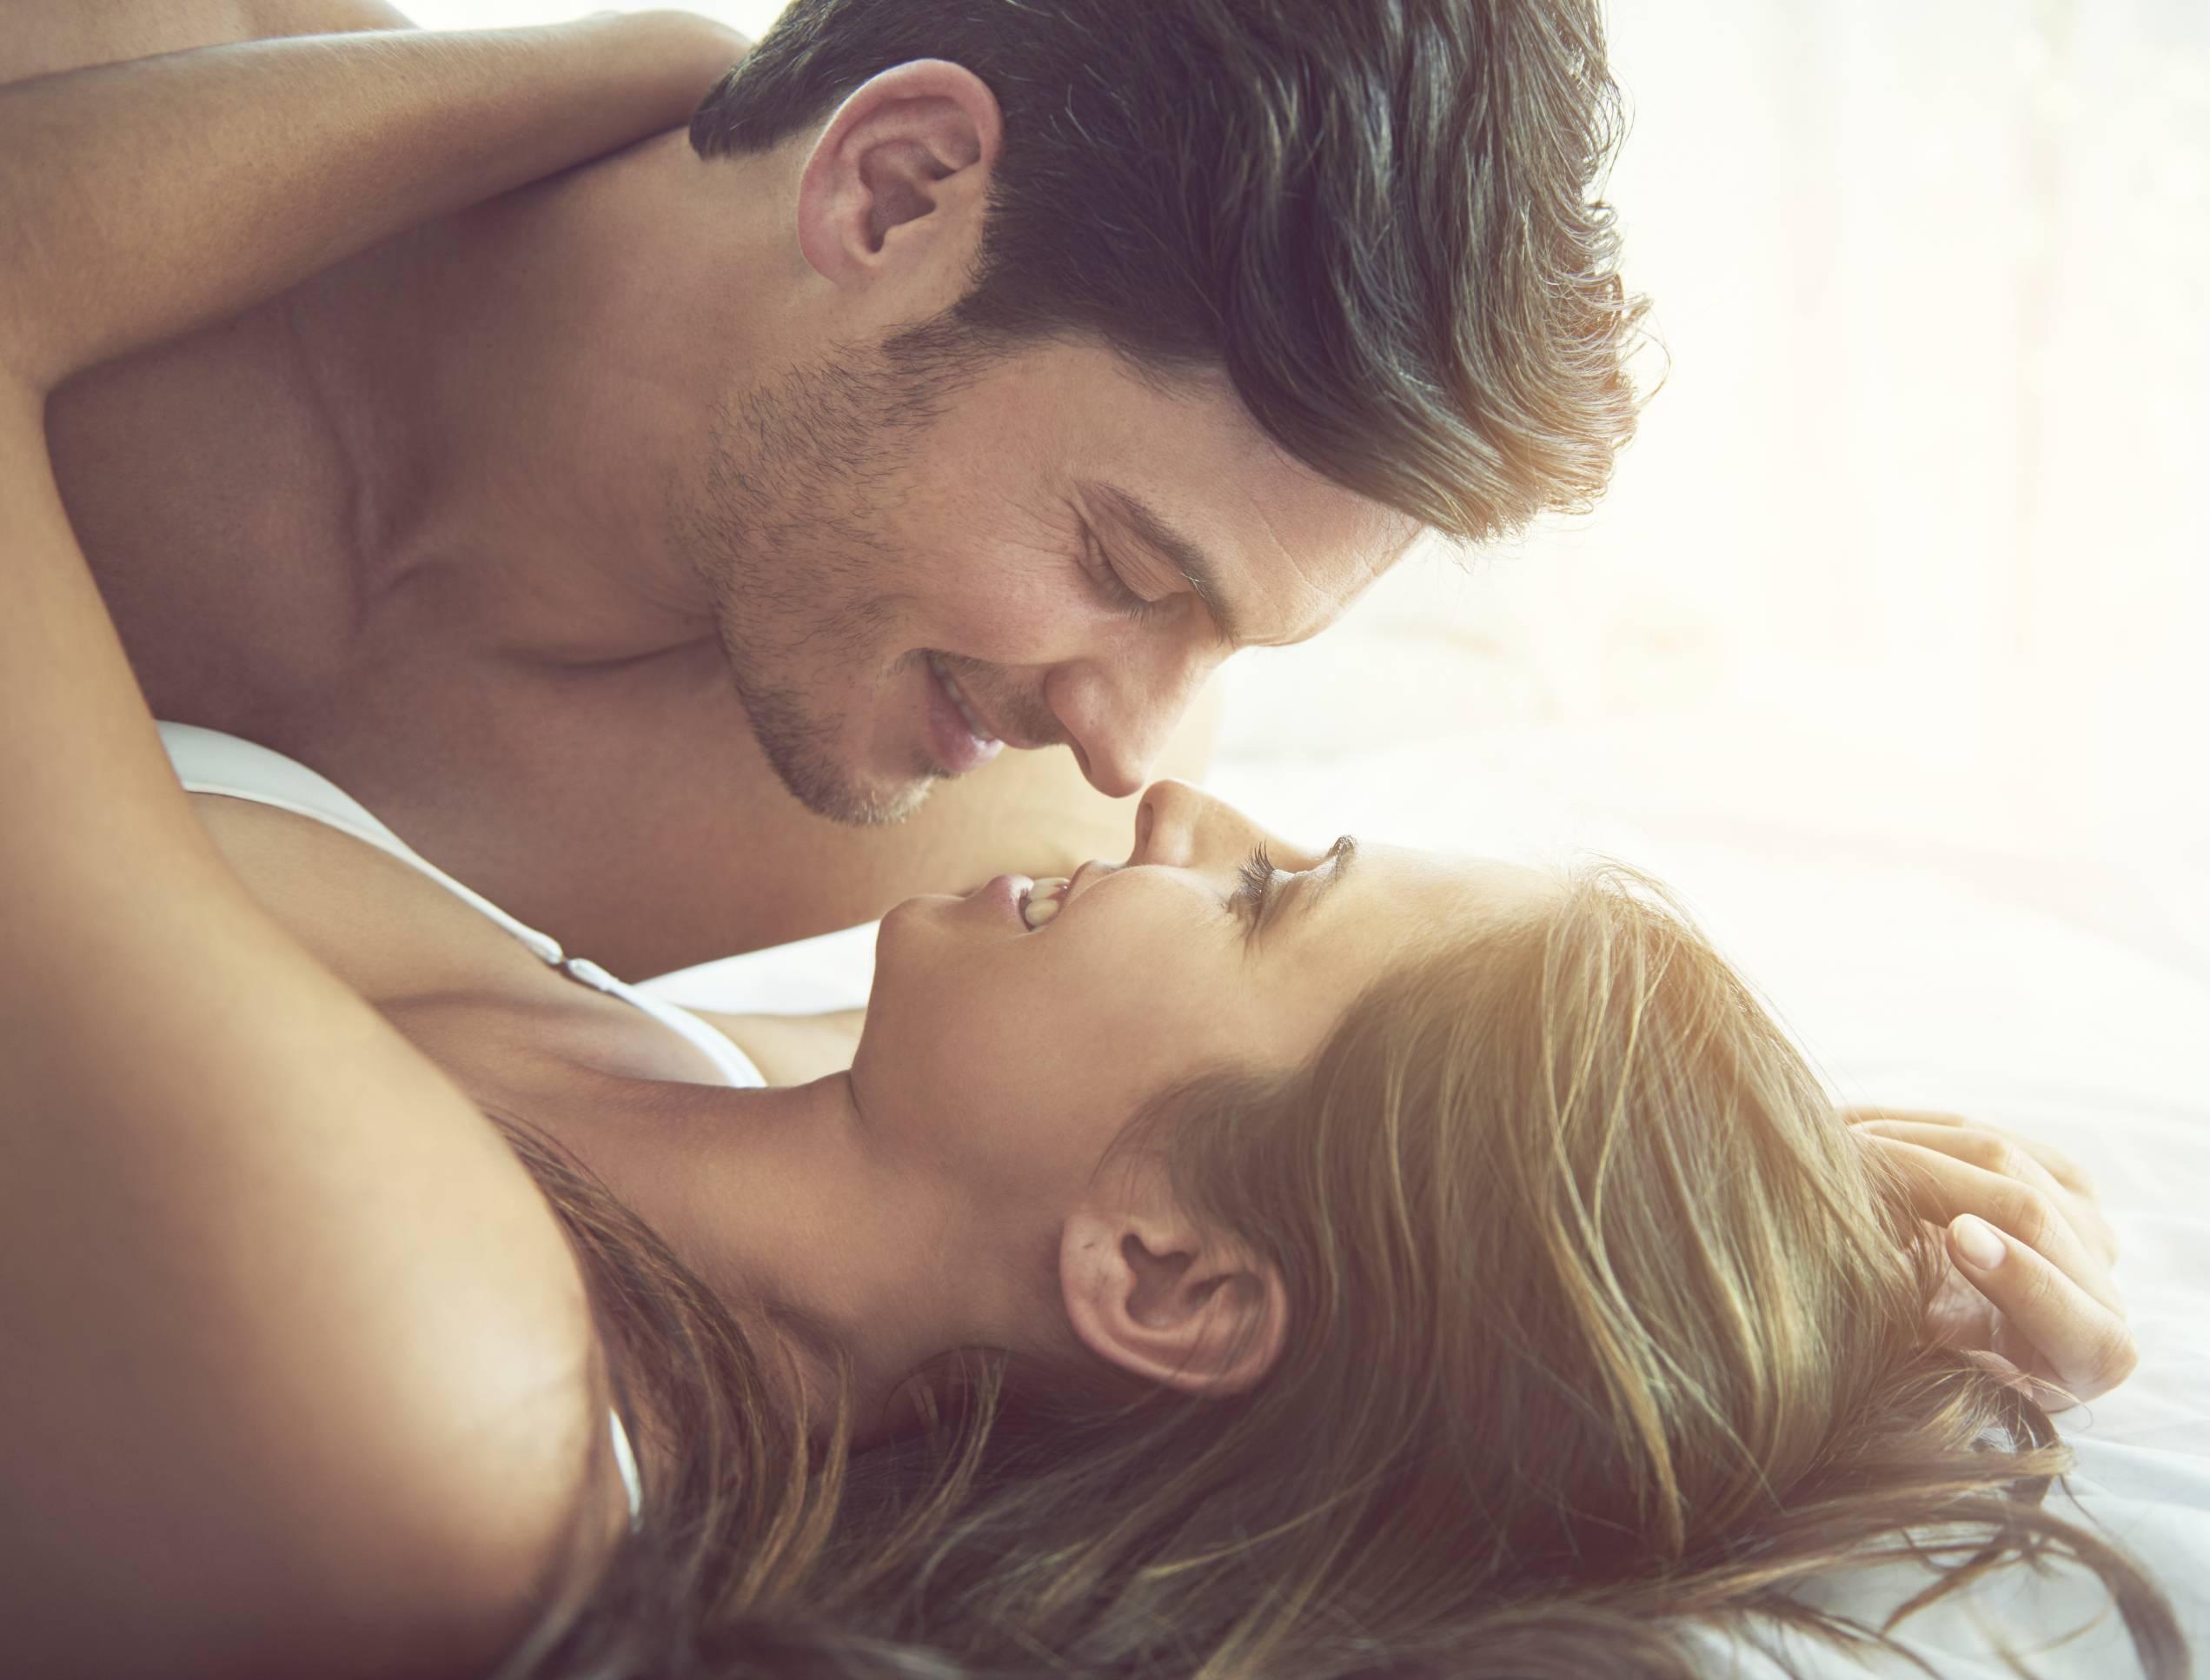 I cibi afrodisiaci low cost da far assaggiare al tuo partner